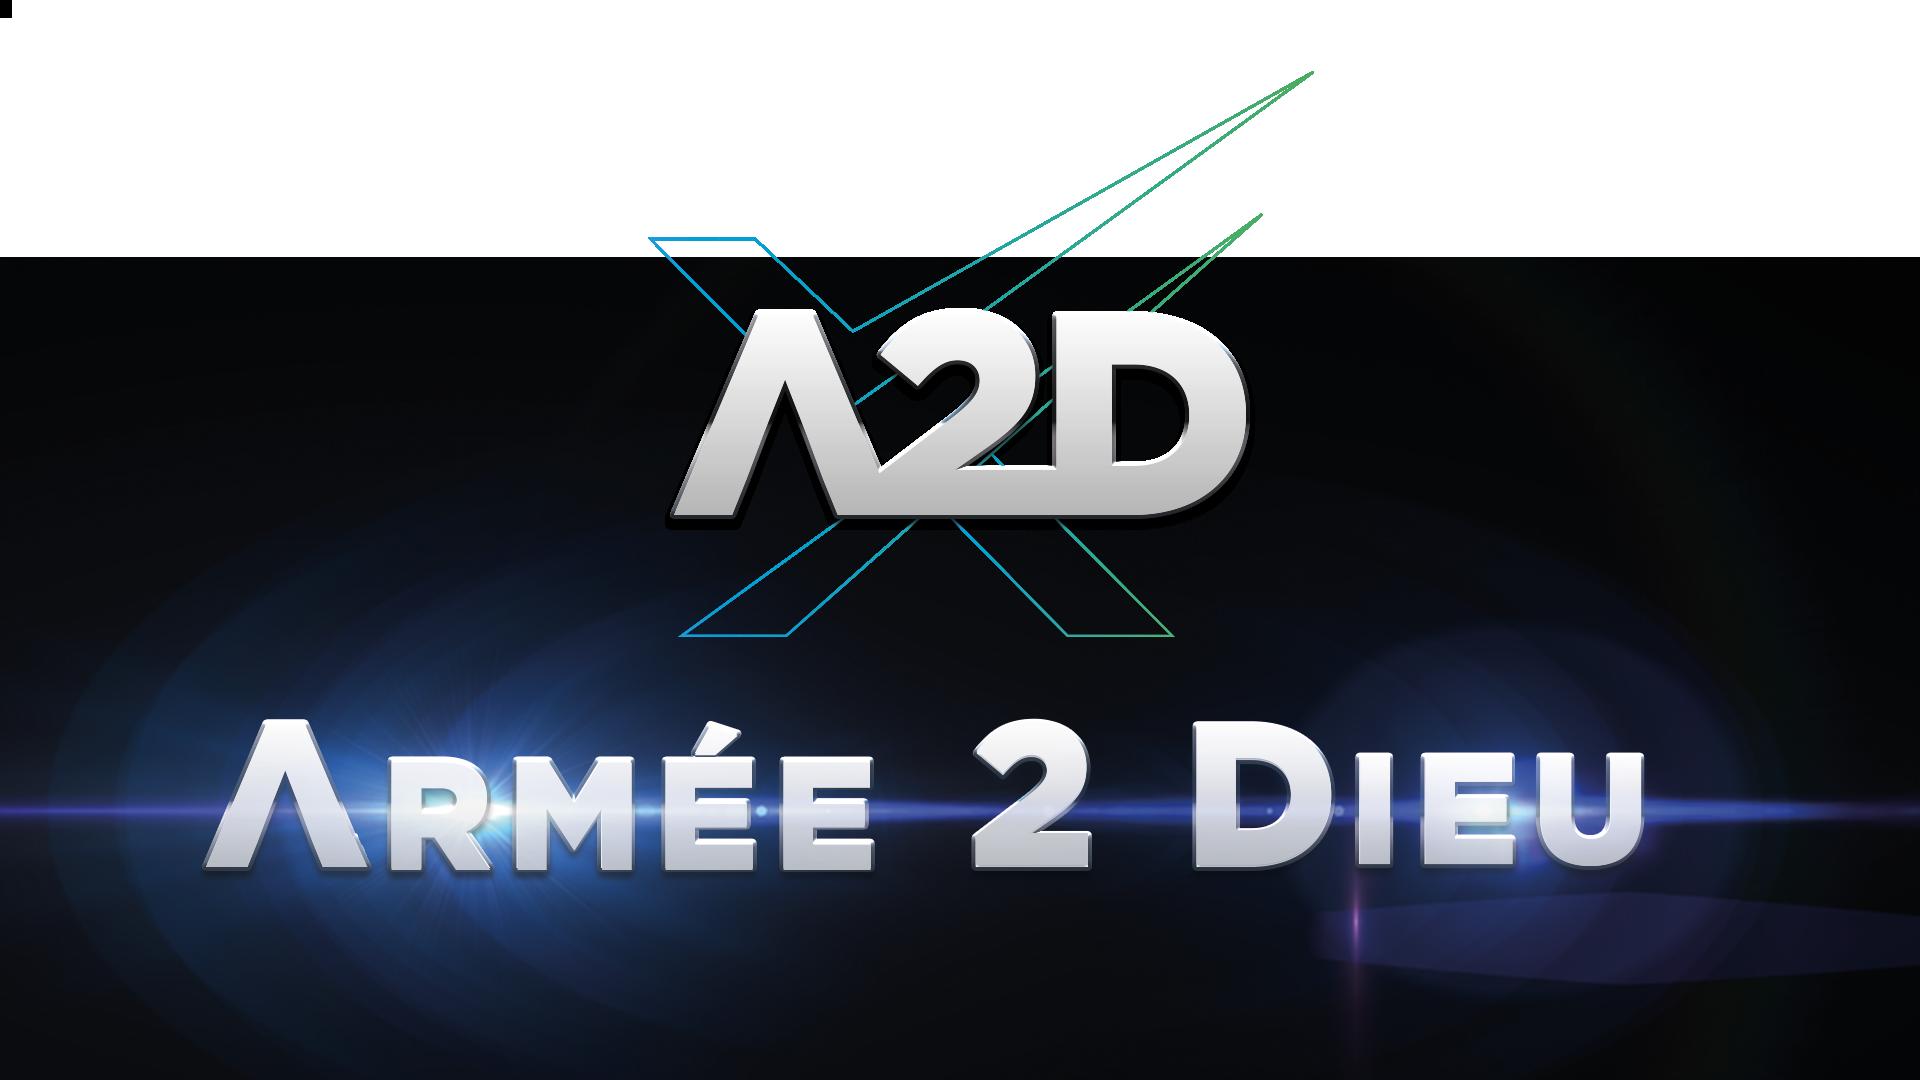 A2D-ARMEEDEDIEU